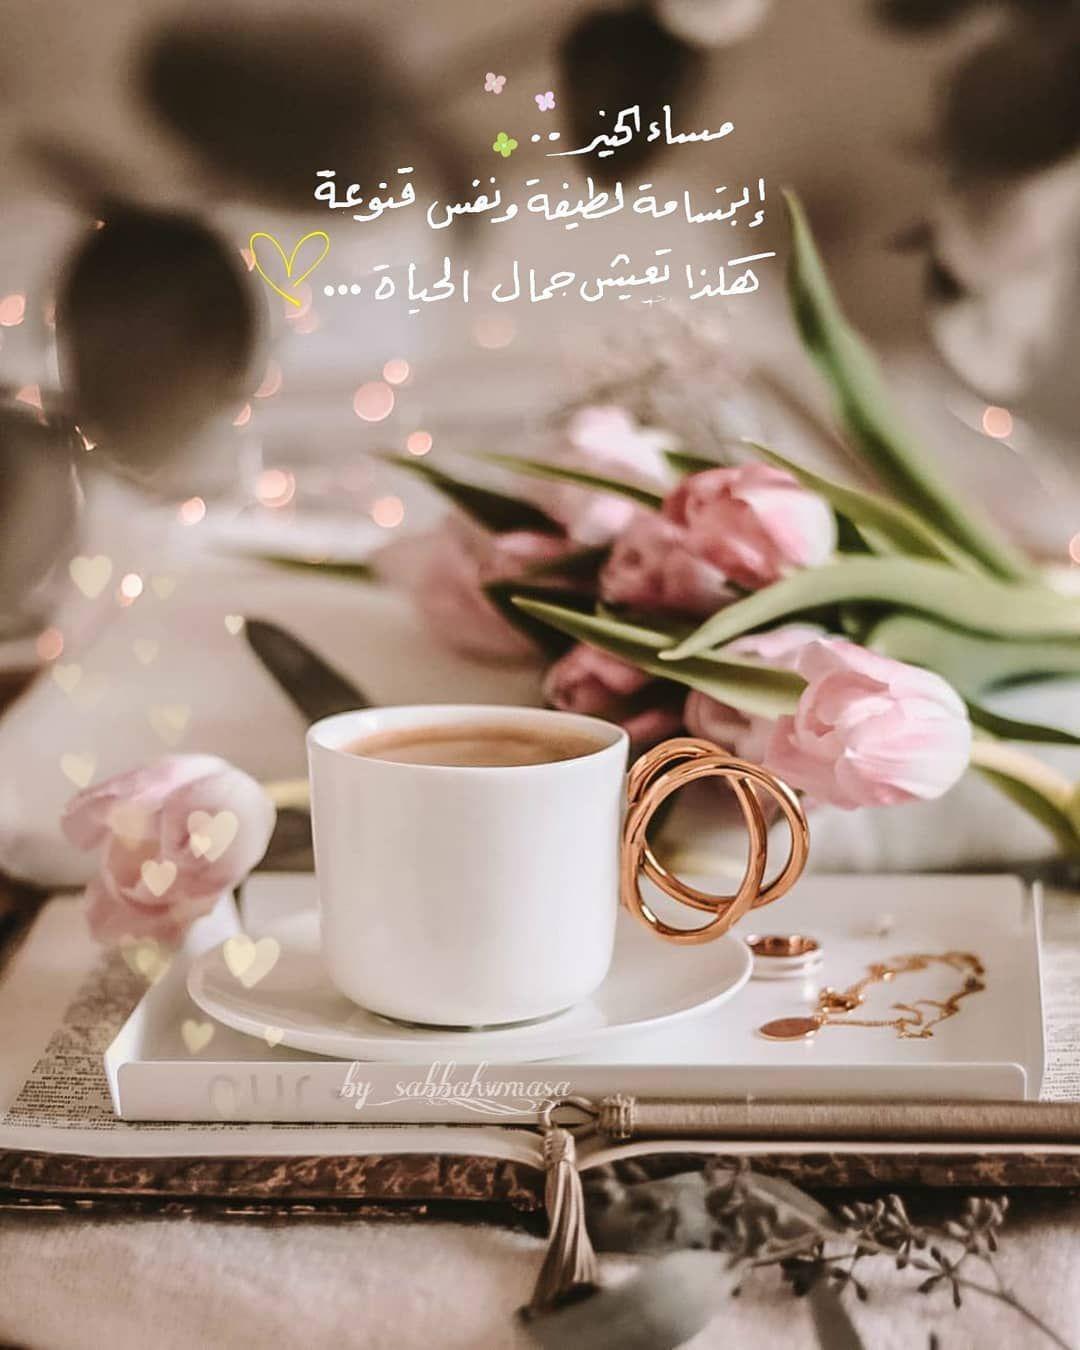 صبح و مساء On Instagram مساء الخيرات والمسرات مساء الورد تصميم تصاميم السعود Good Night Messages Glassware Morning Greeting